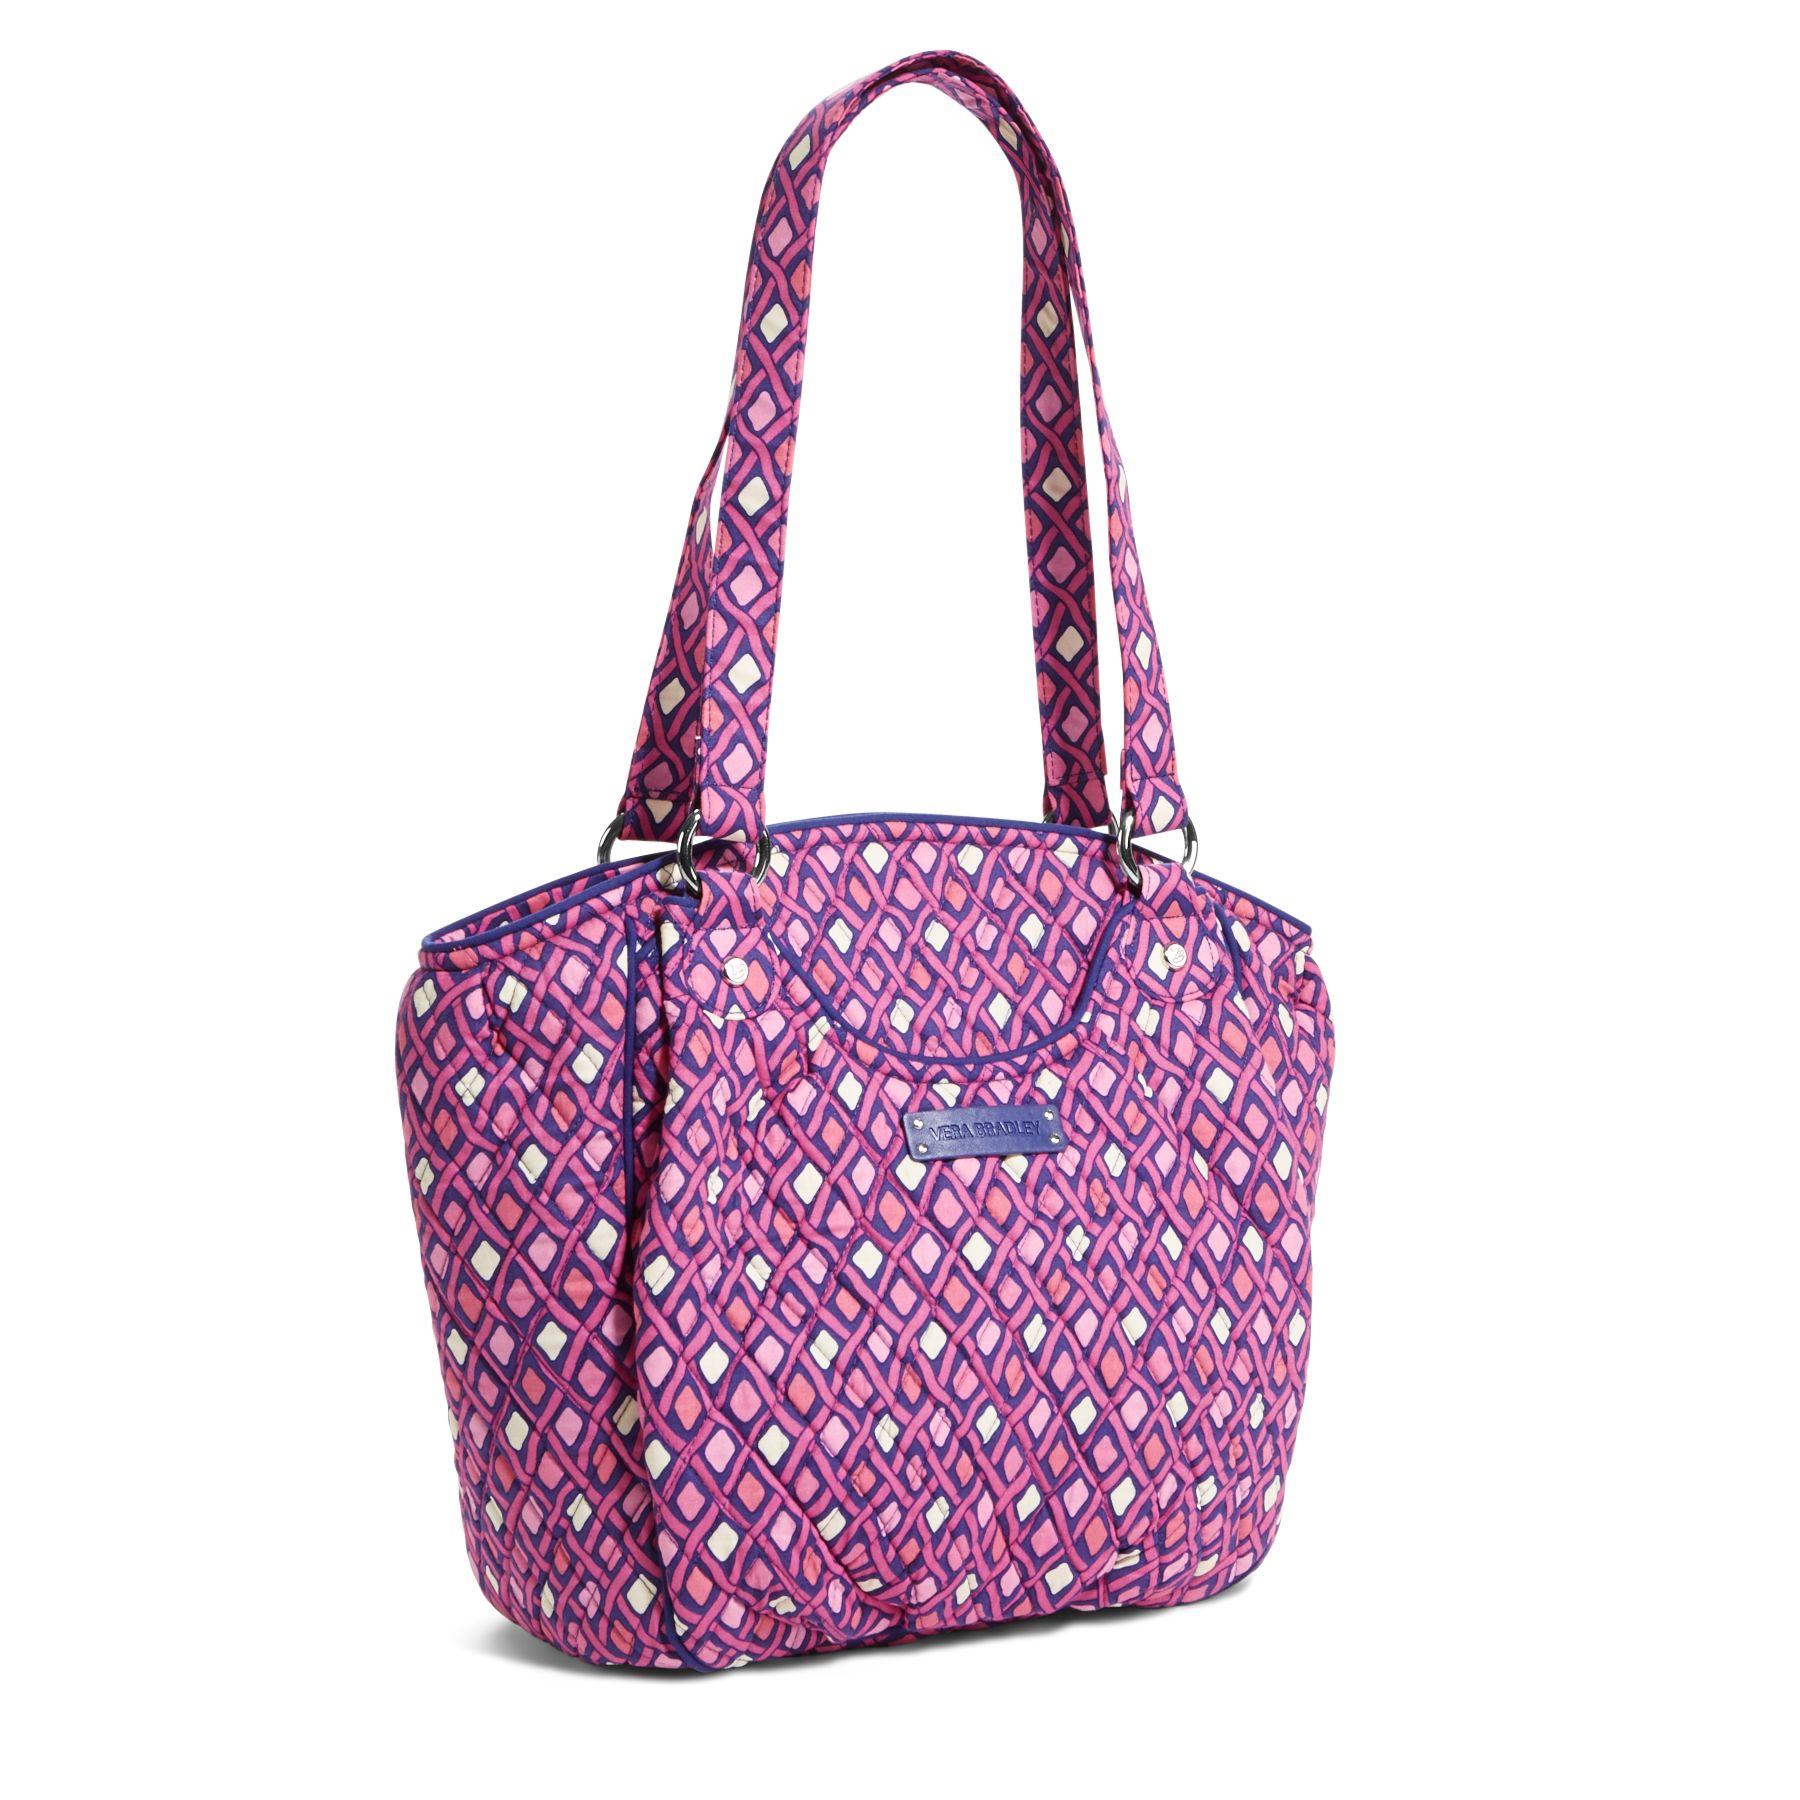 Vera Bradley Glenna Satchel Bag